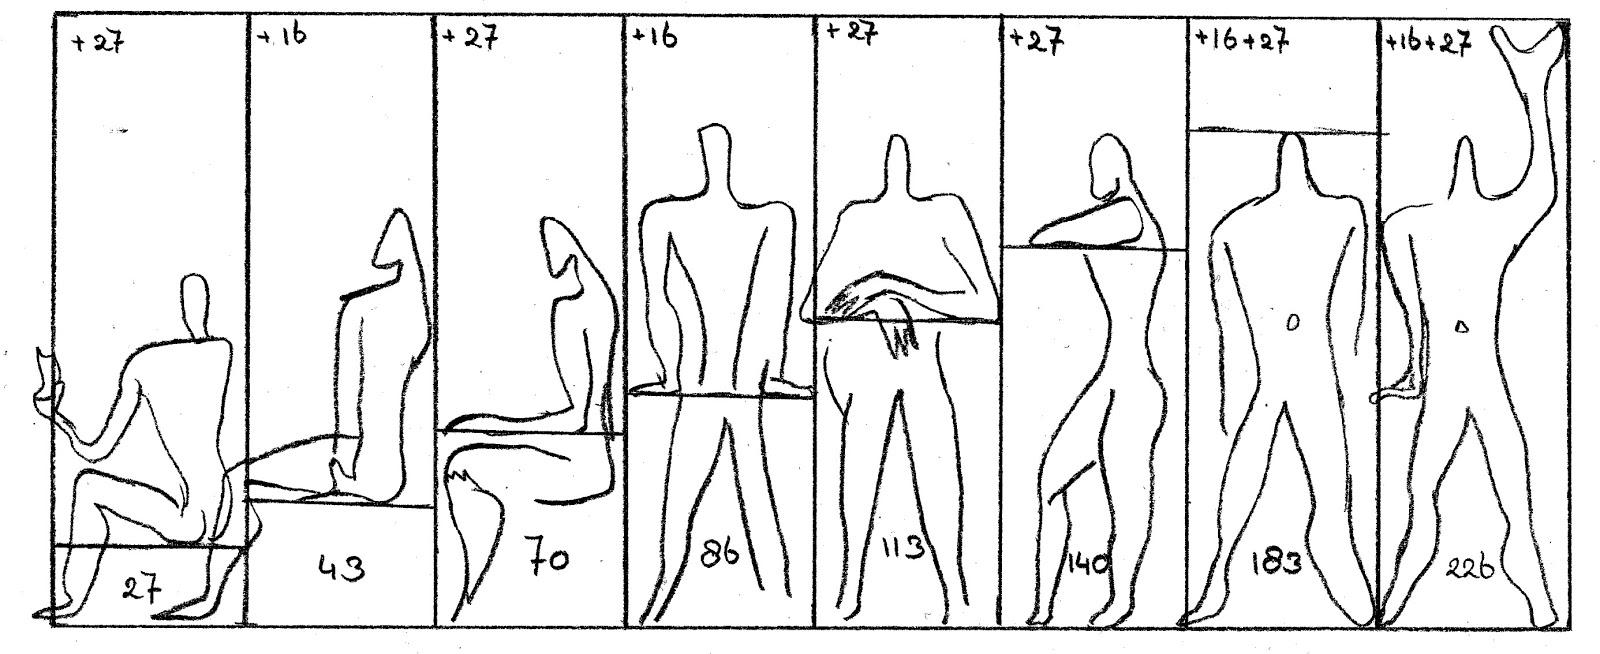 modulor le corbusier sainte marie de la tourette rbarc1c2 utopische modellen van de renaissance. Black Bedroom Furniture Sets. Home Design Ideas